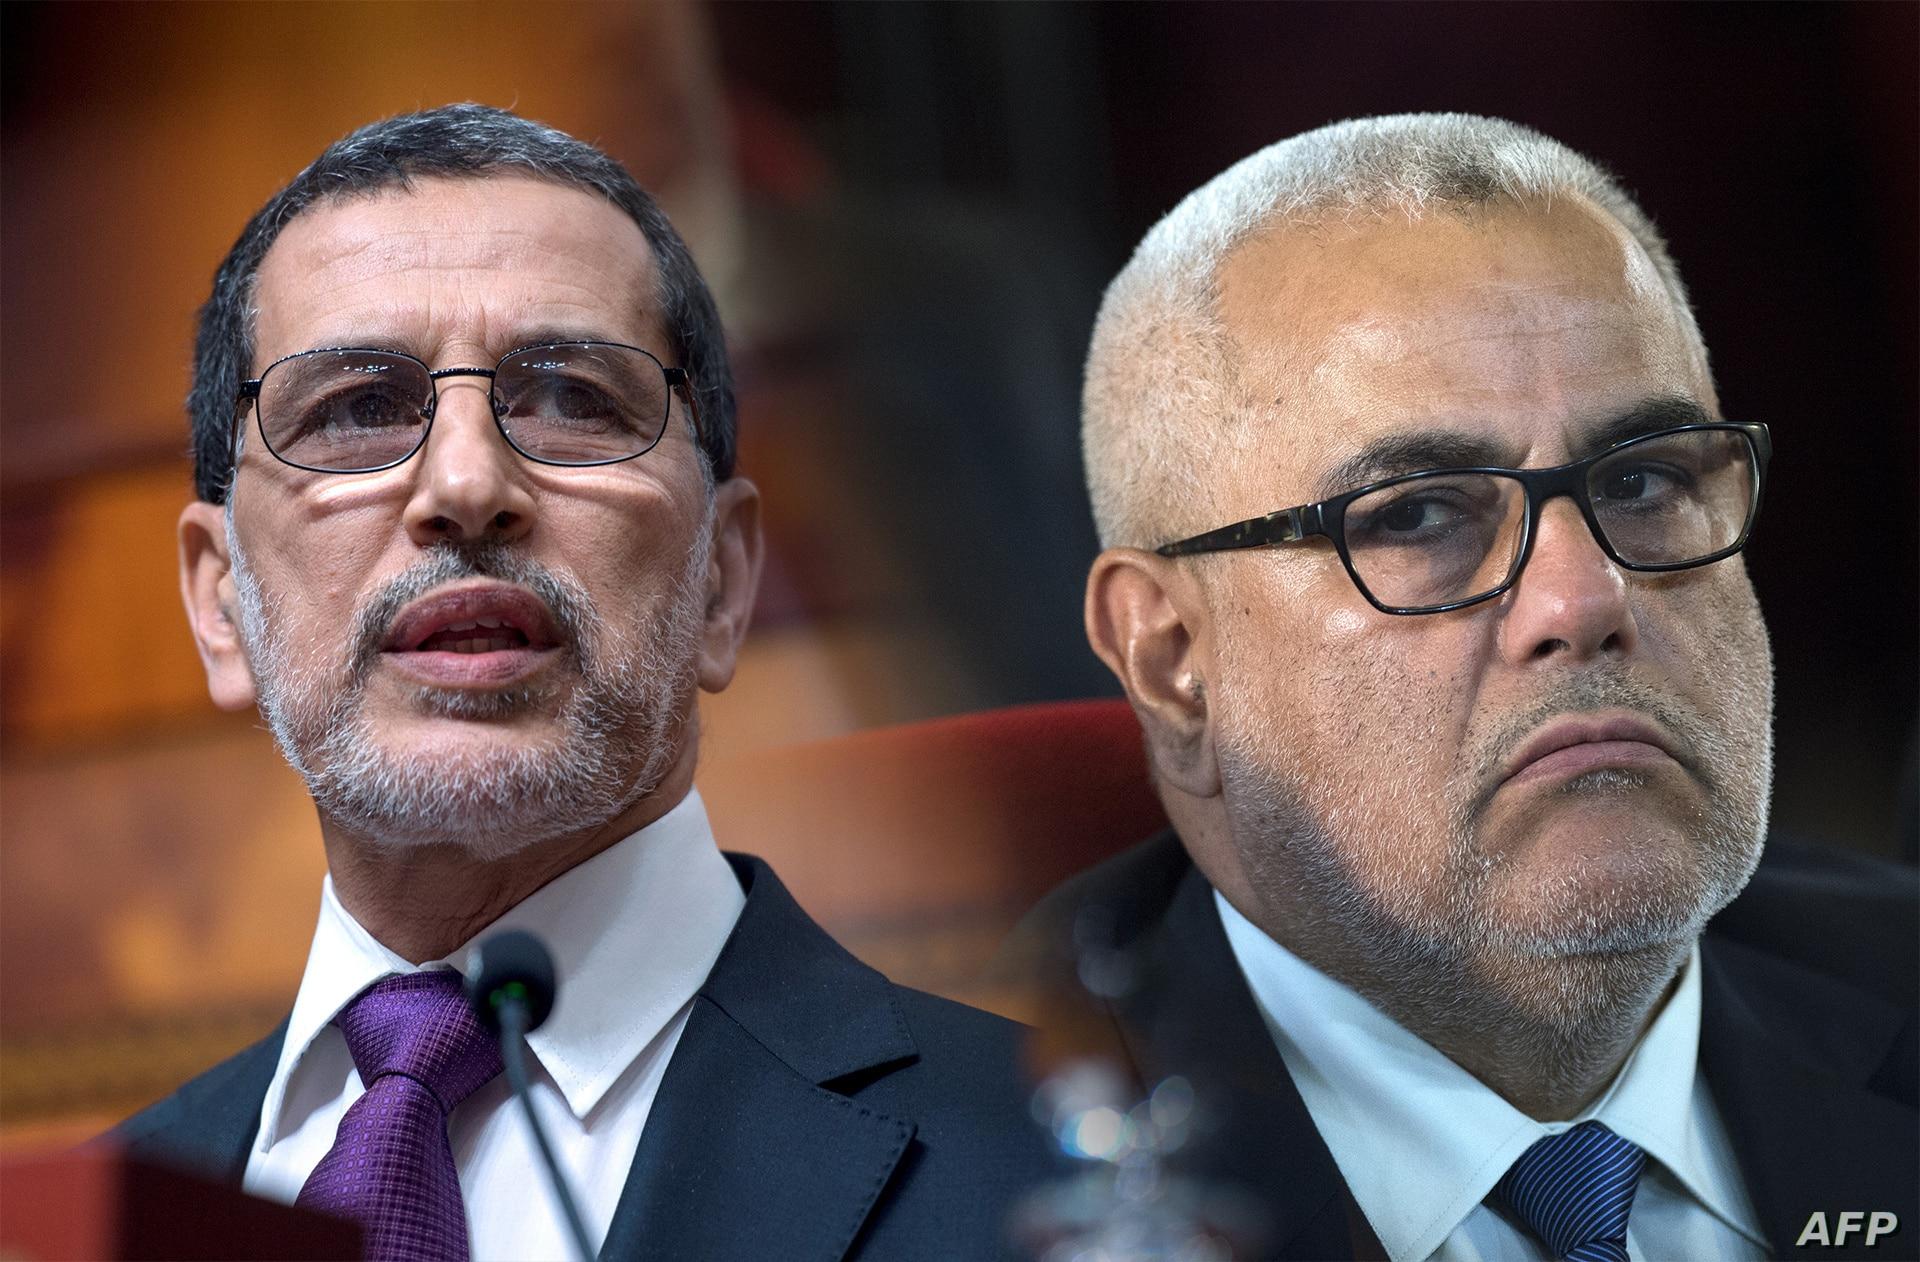 بسبب هزيمة حزب العدالة والتنمية عبد الإله بنكيران يدعو سعد الدين العثماني الى الاستقالة